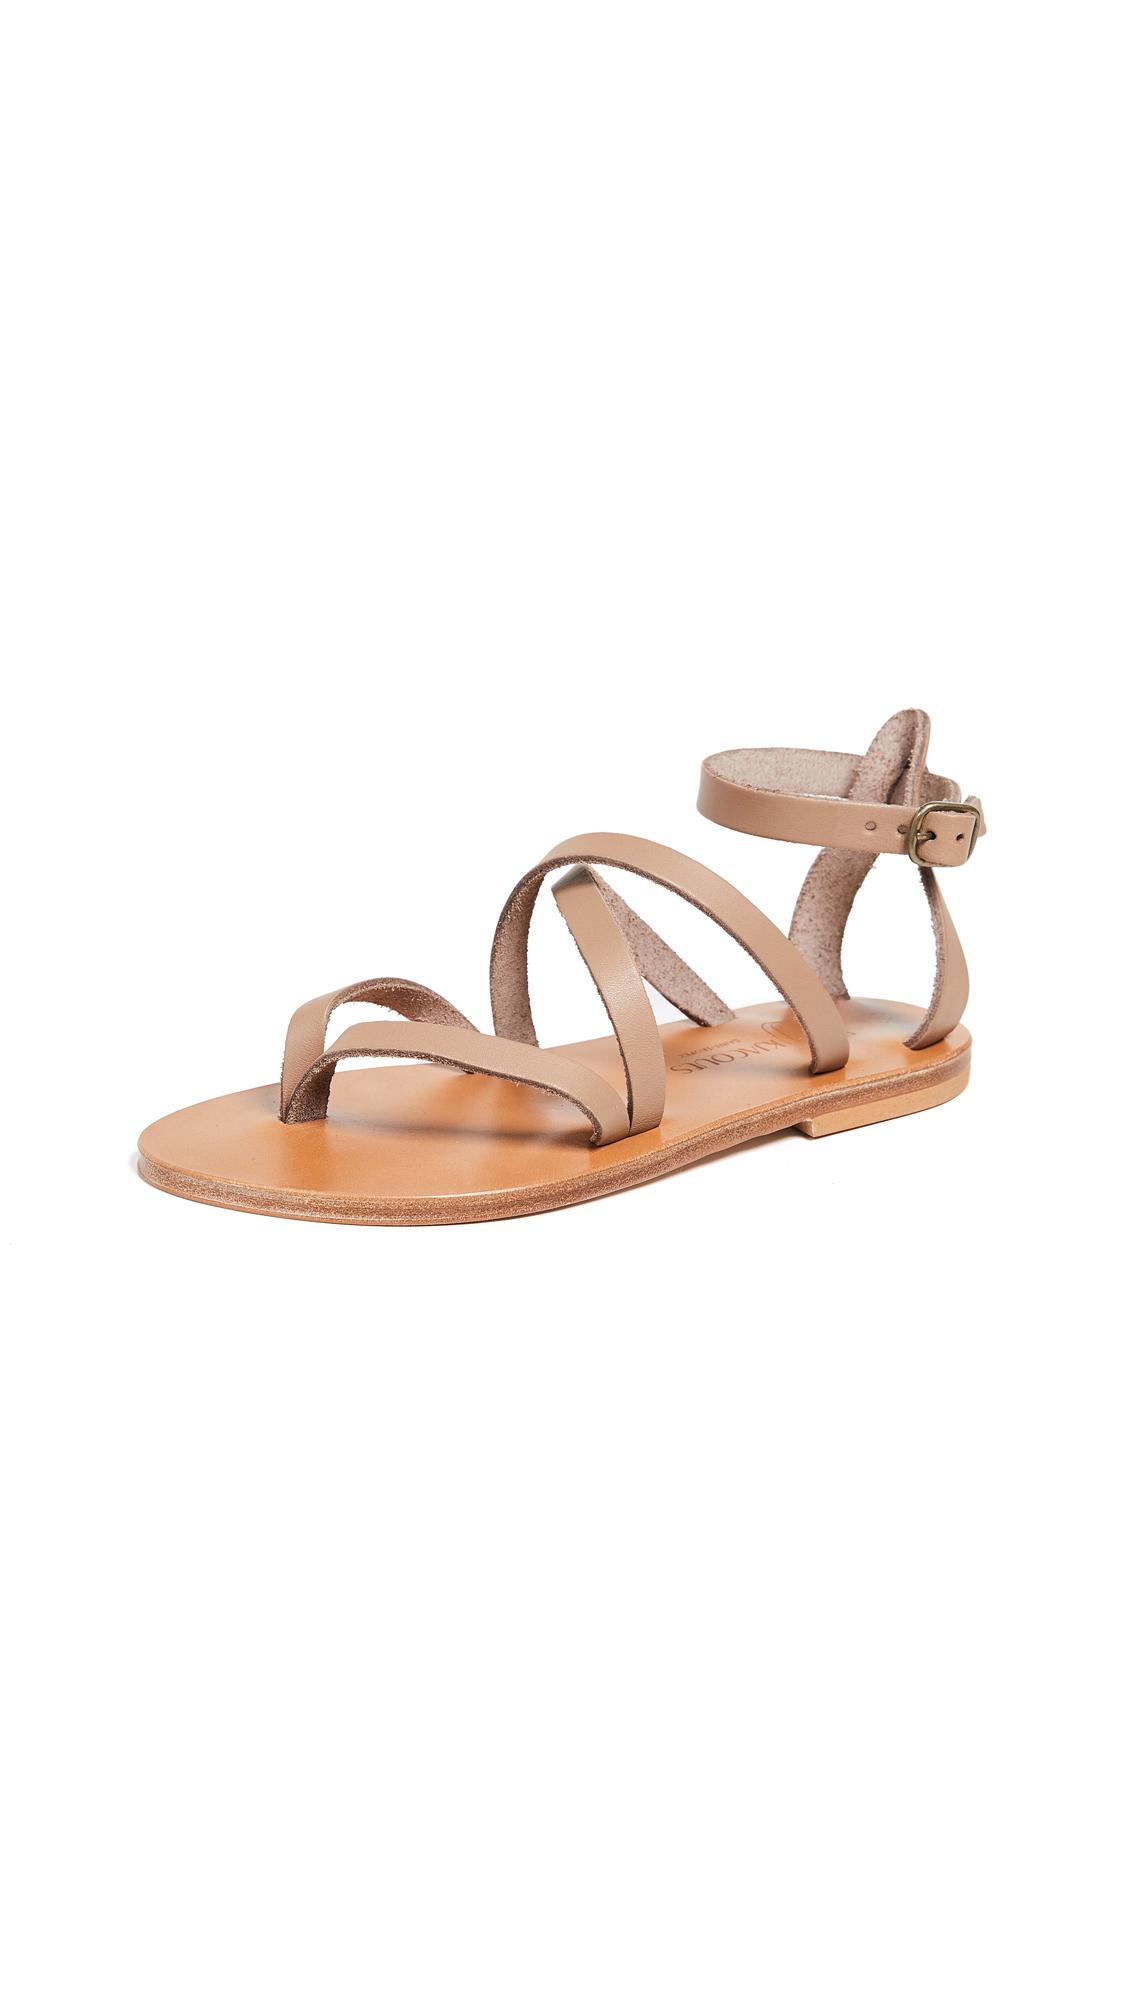 Buy K. Jacques Fusain Sandals online, shop K. Jacques